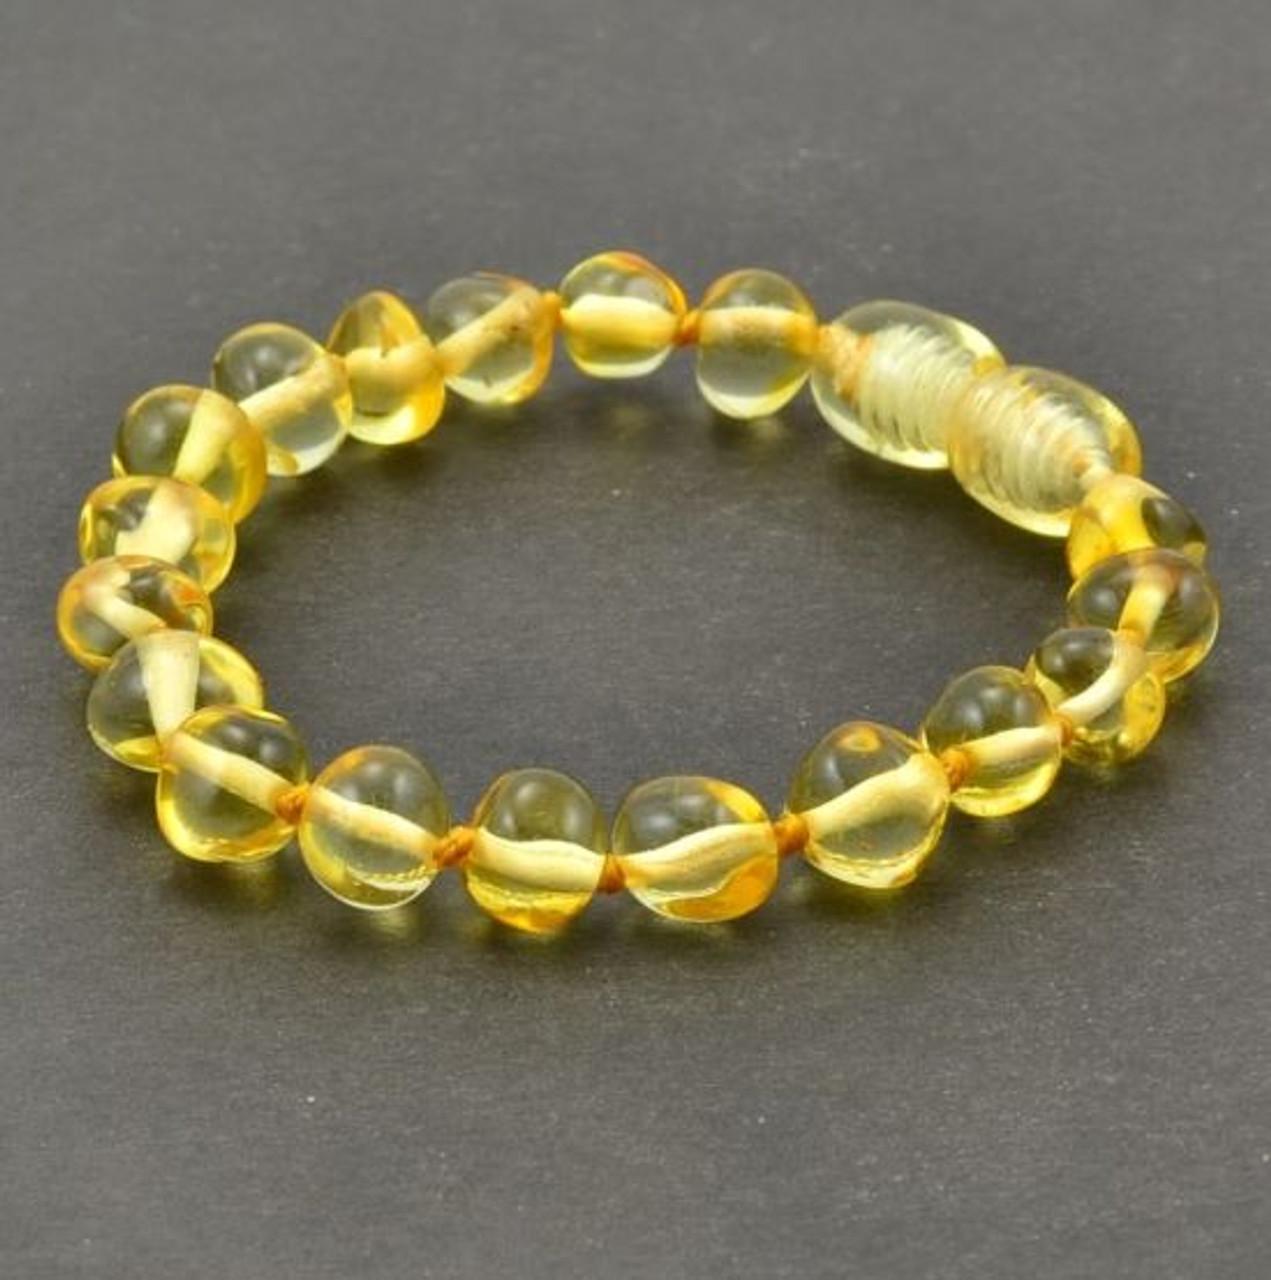 Baltic amber lemon bracelet Amber bracelet for adults Amber bracelet Lemon Baltic amber Amber bracelet Baltic amber Unique color amber